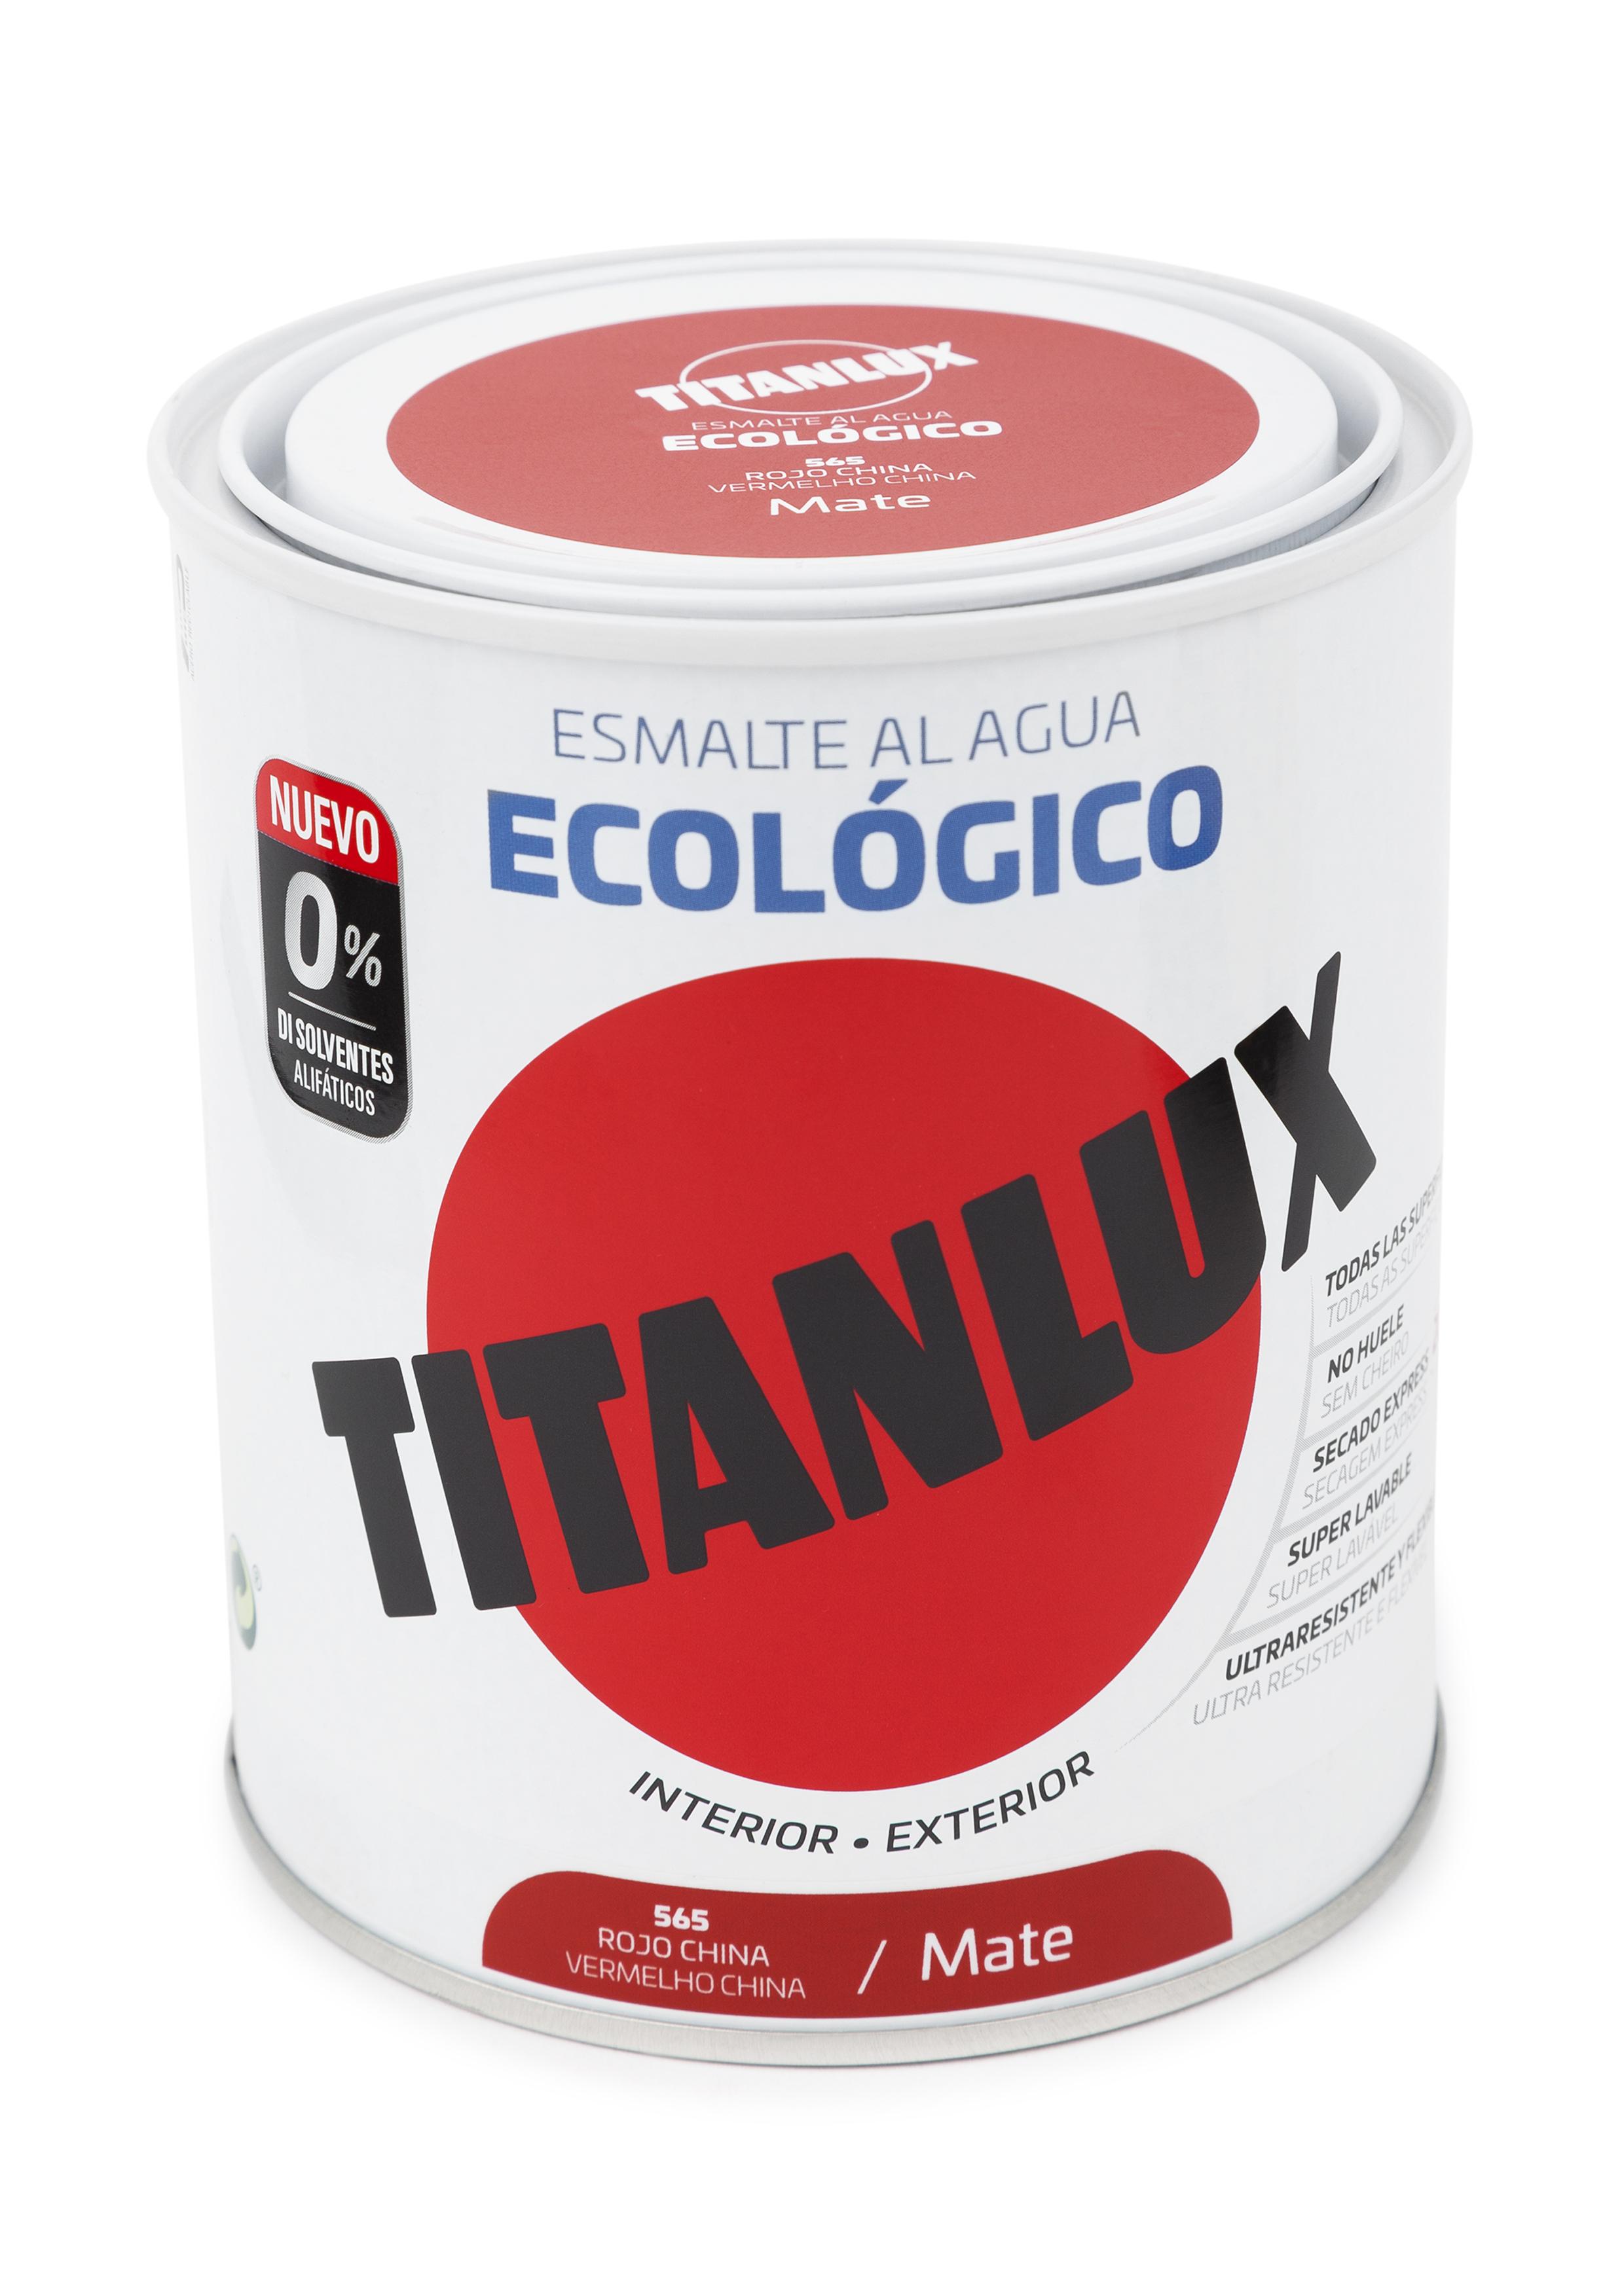 ESMALTE ECOLÓGICO AL AGUA TITANLUX.